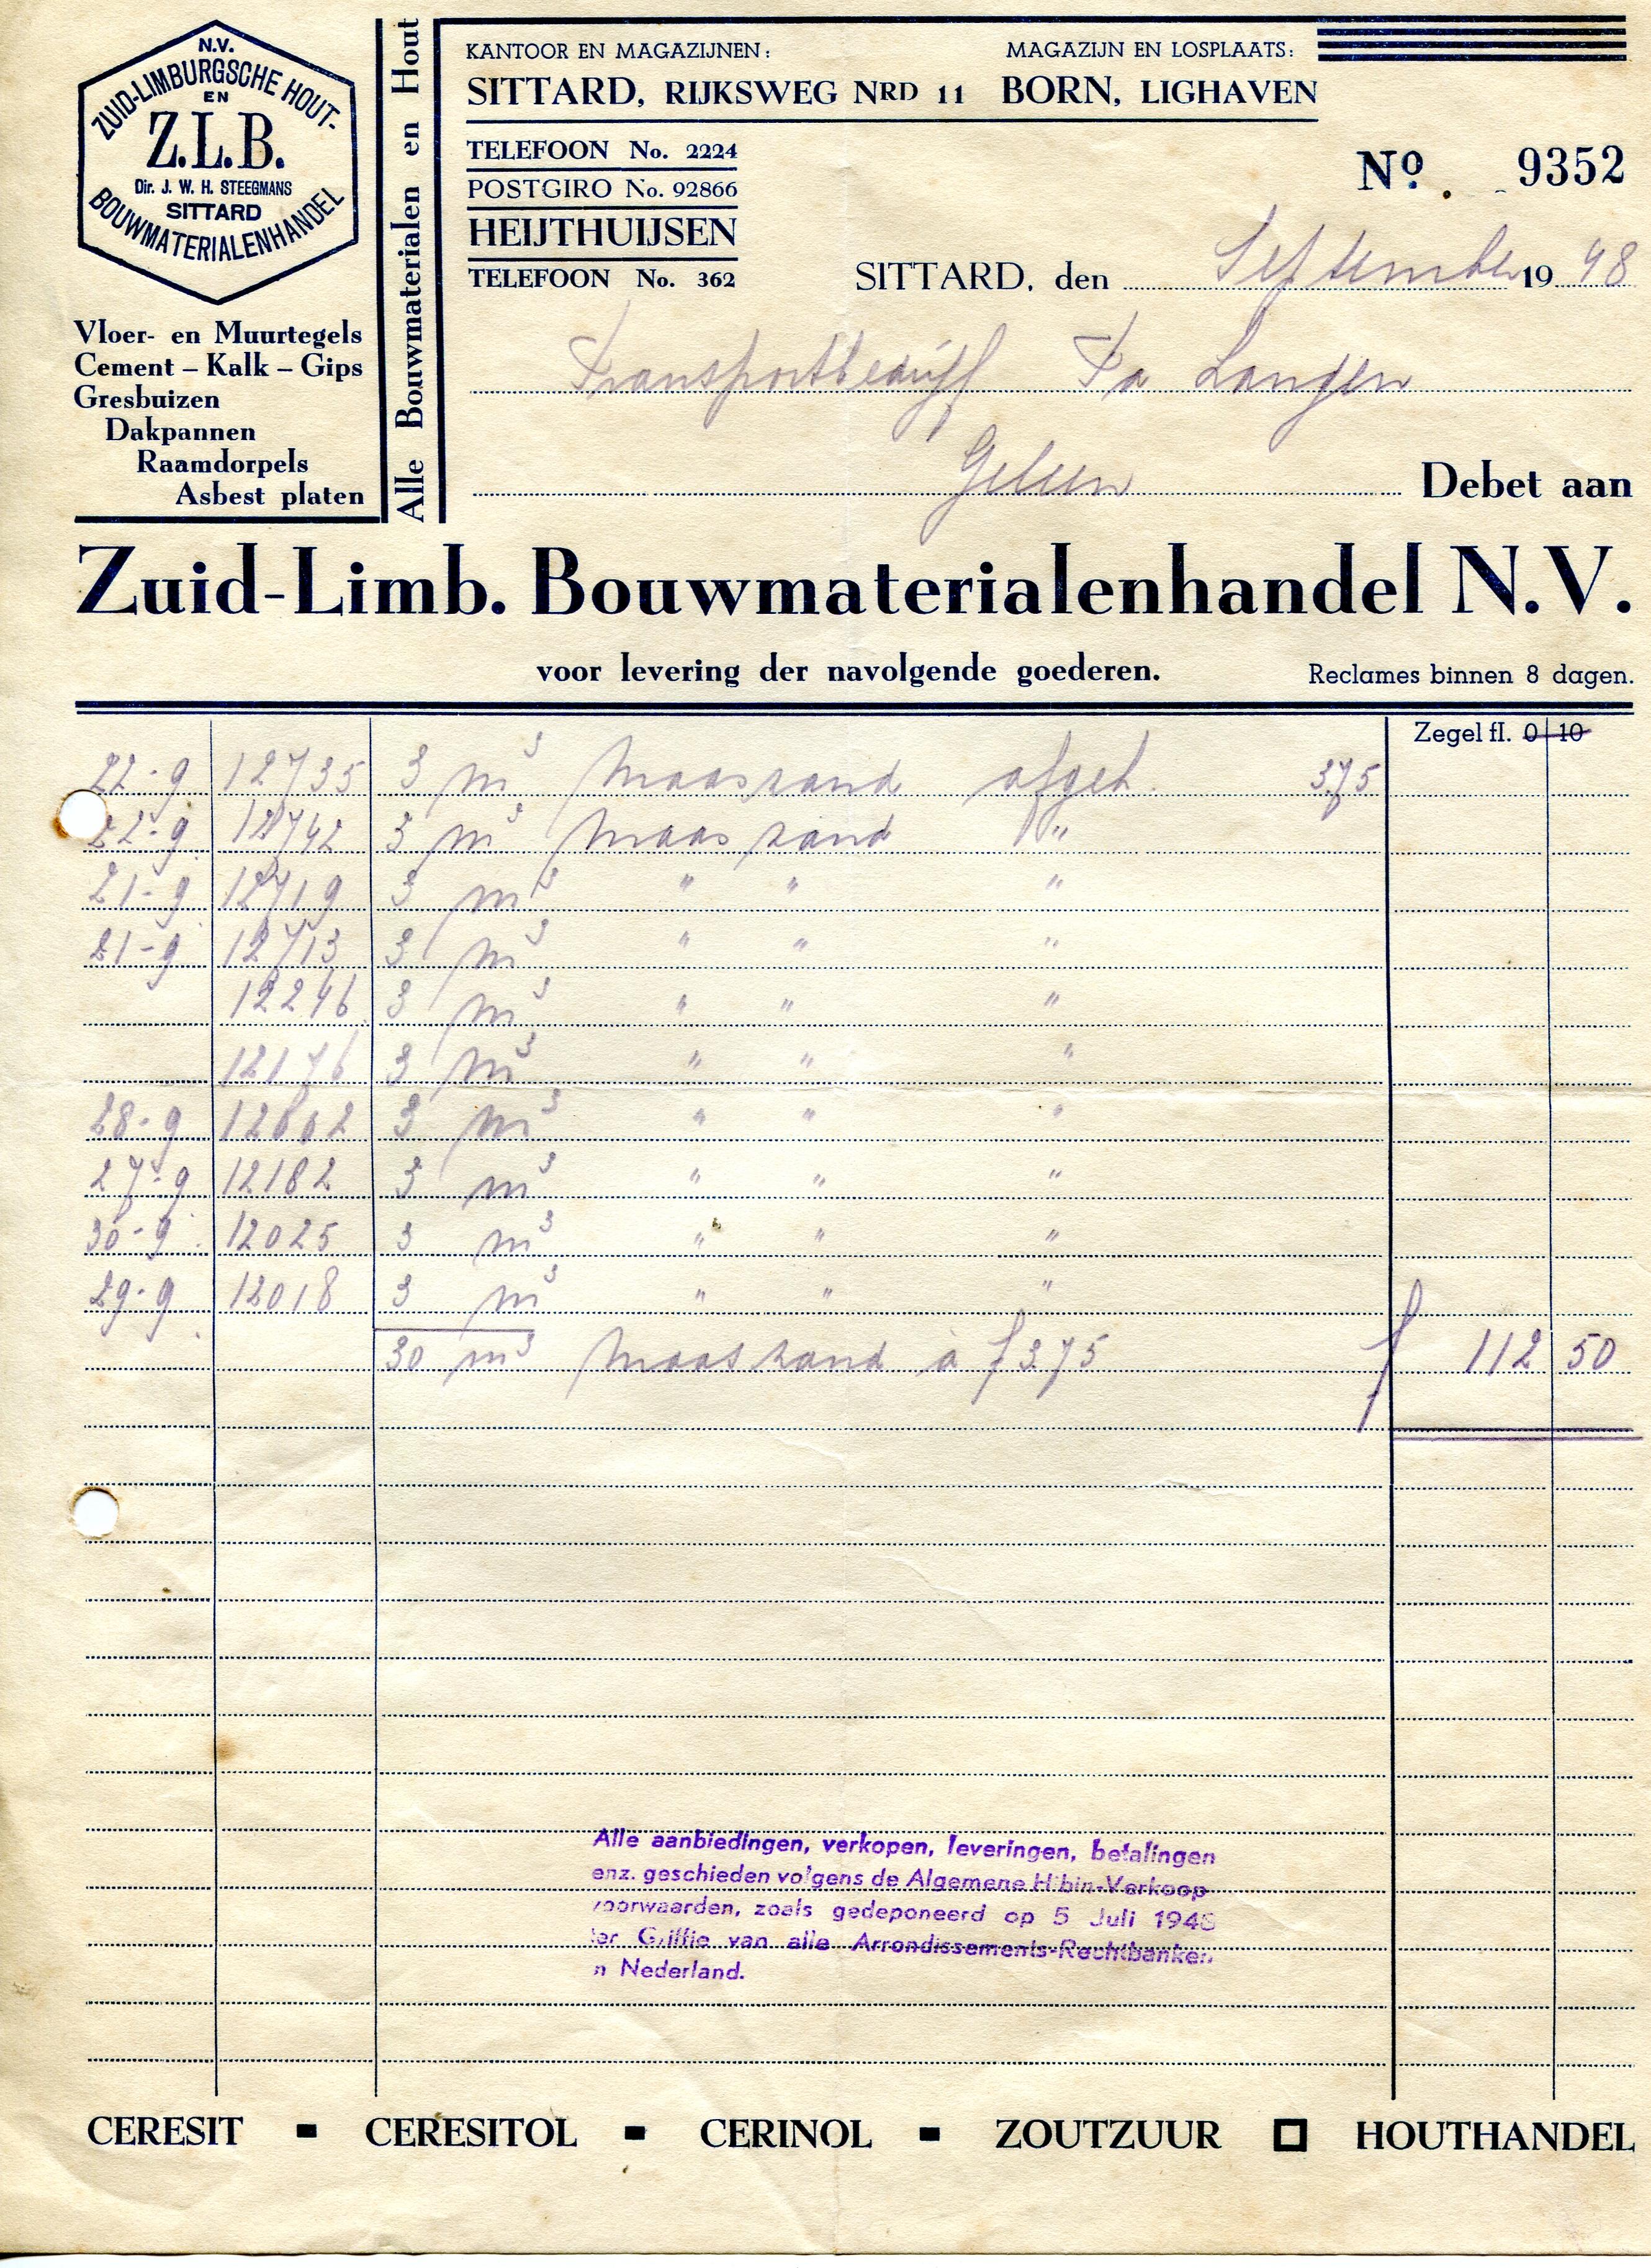 1948-Z-L-B-Sittard-2